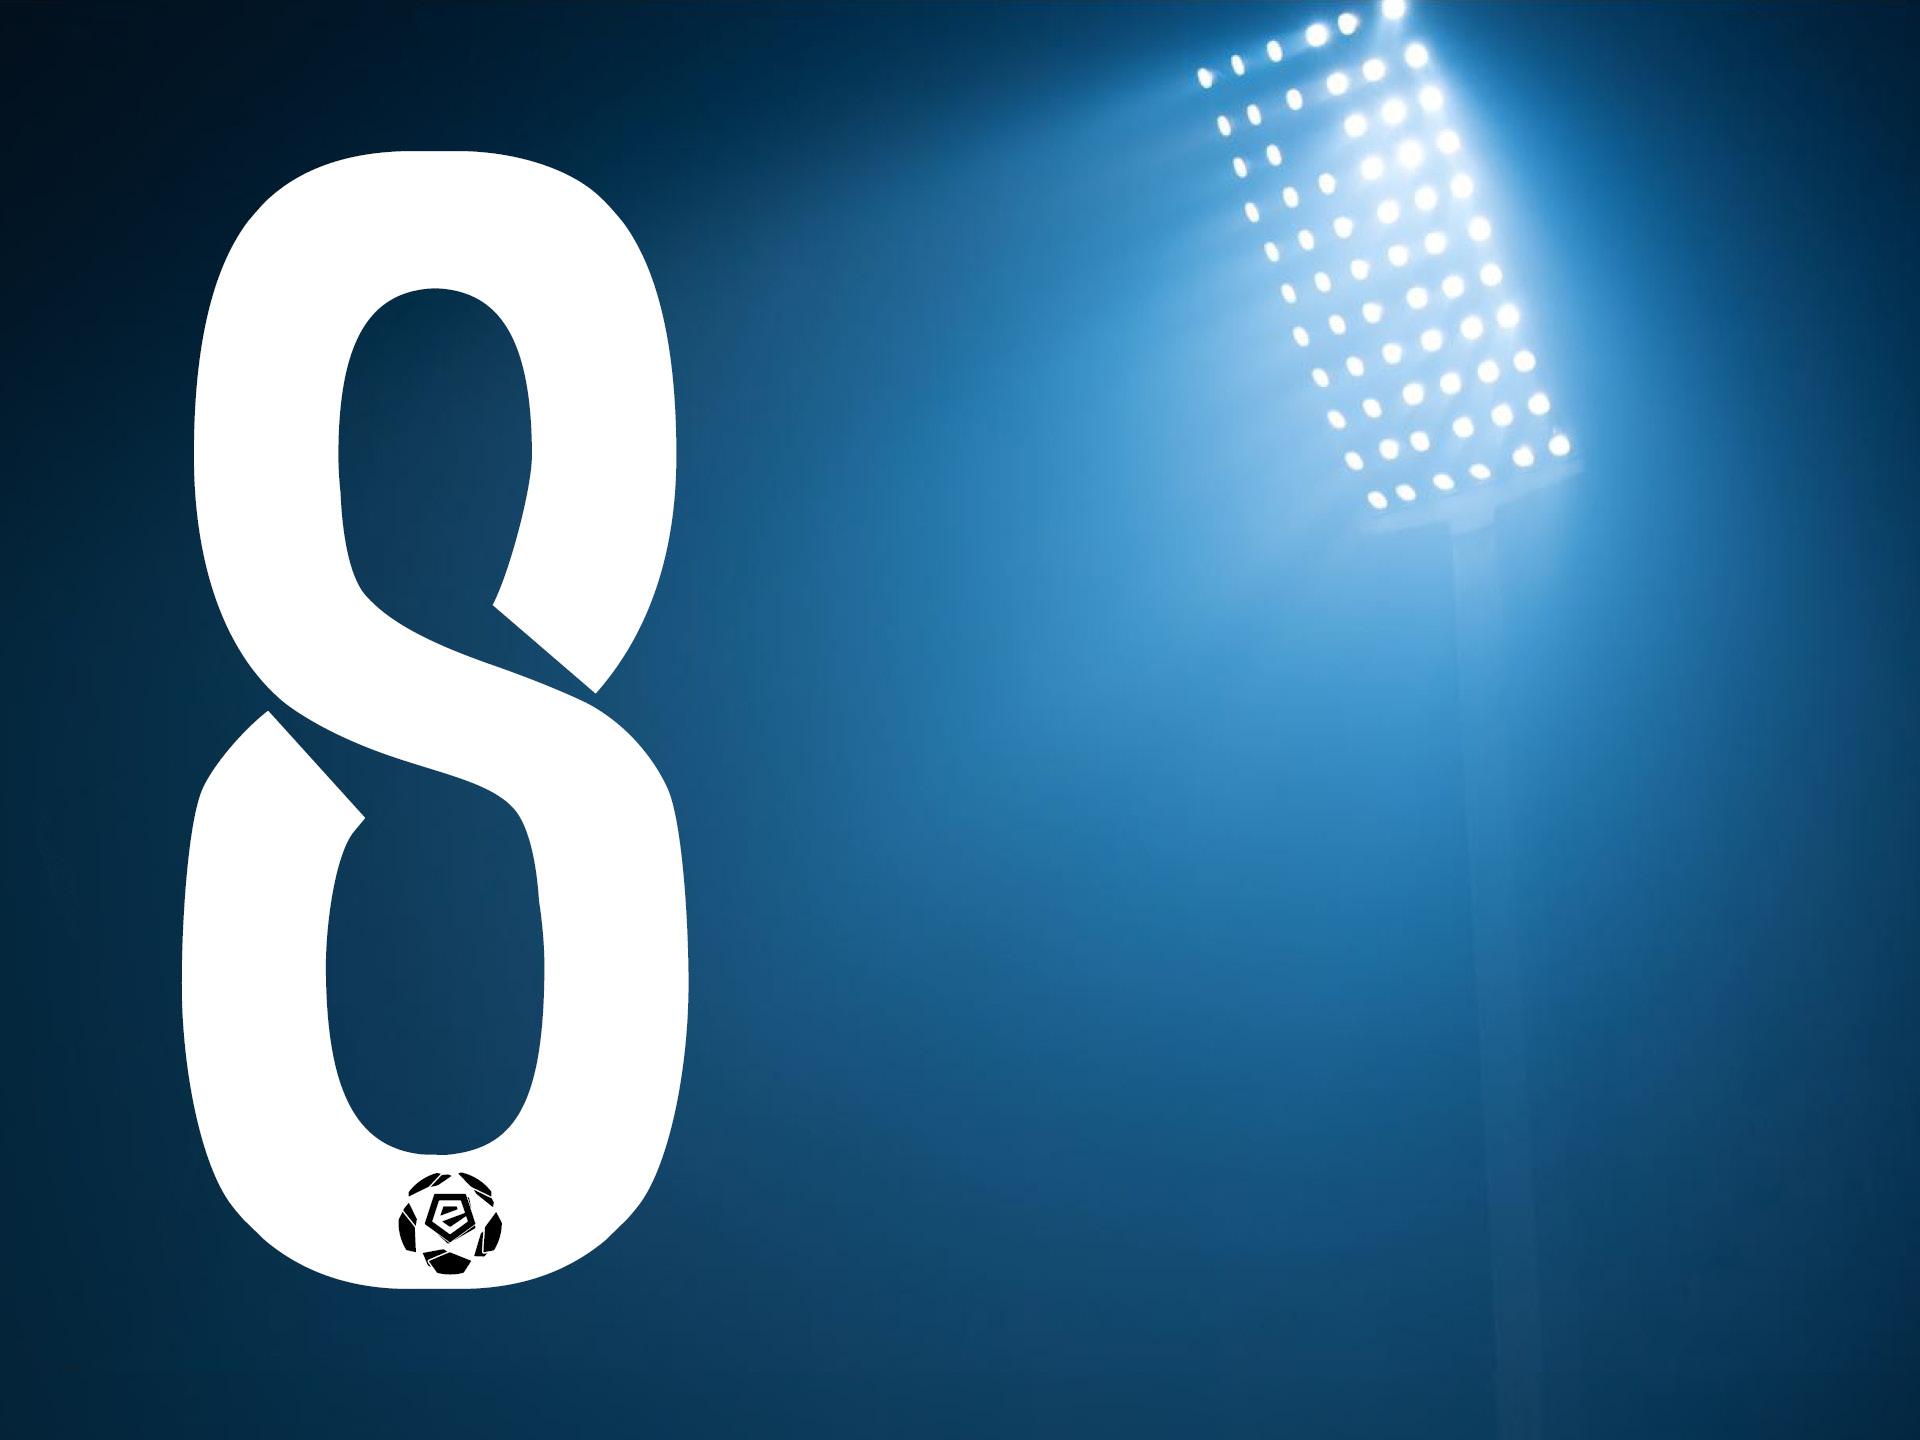 Ekstraklasa font